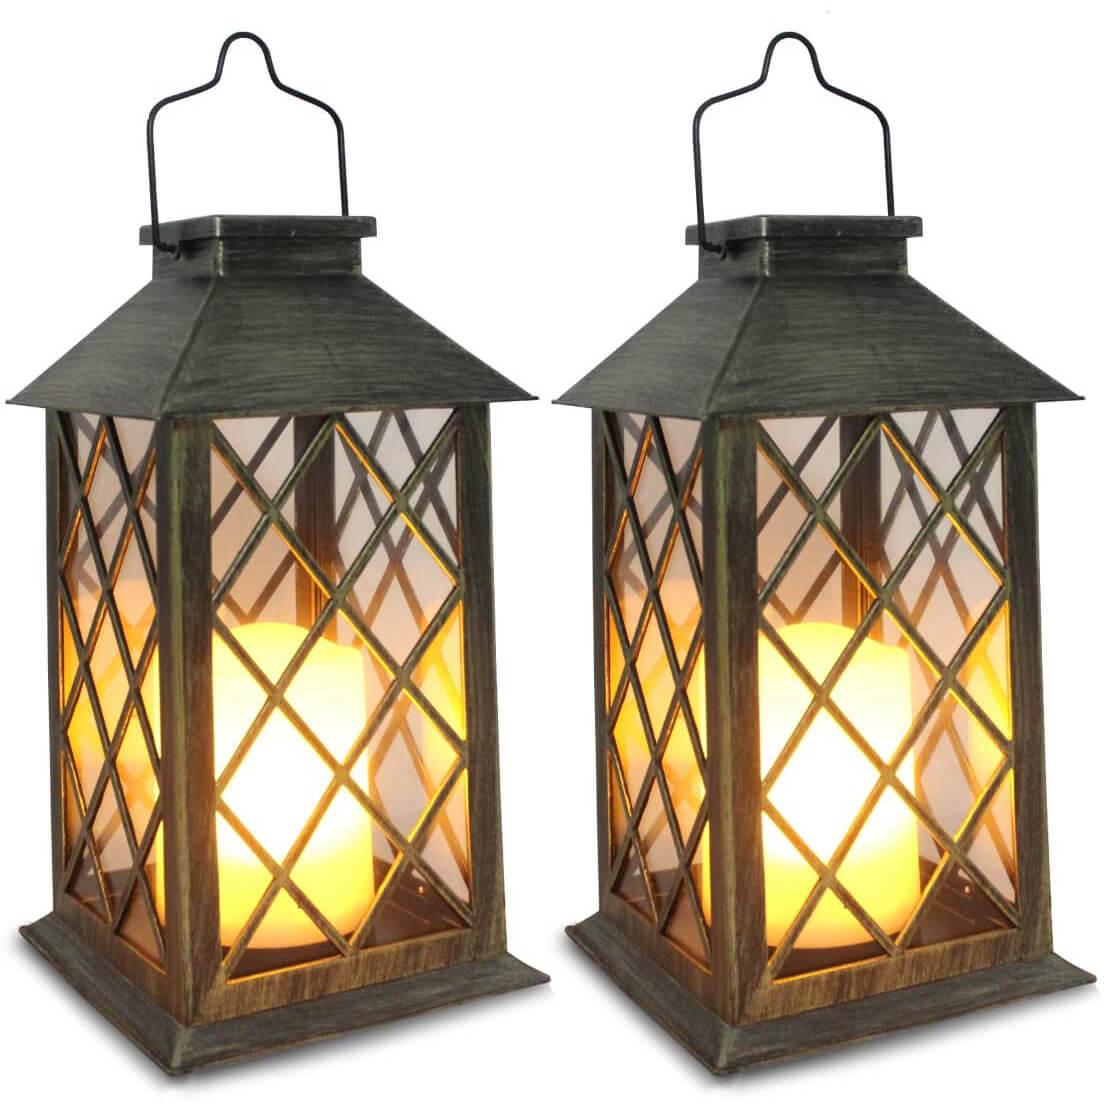 SHYMERY Outdoor Garden Hanging Solar Lanterns